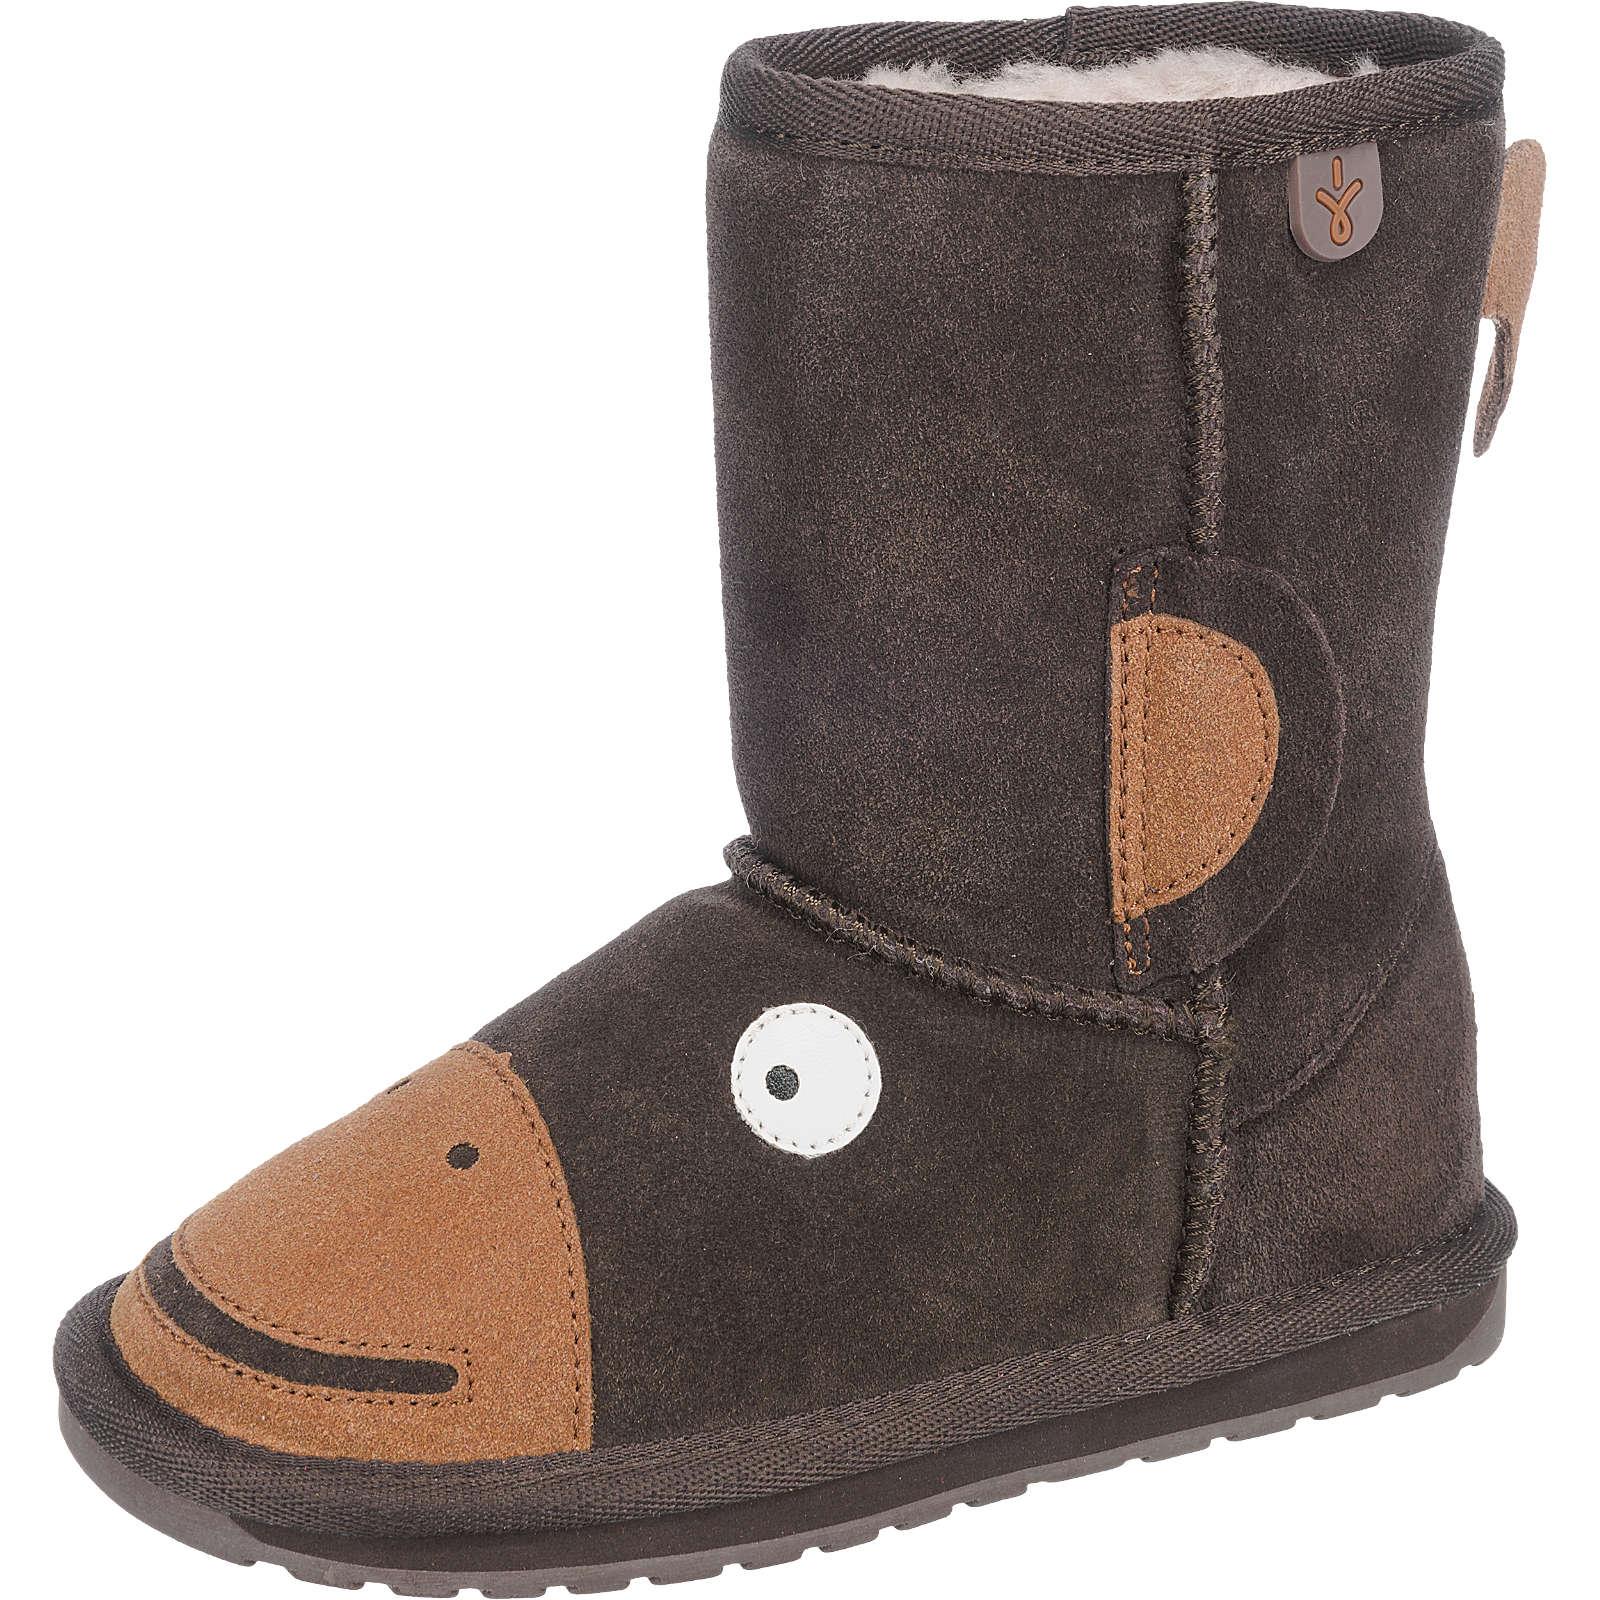 EMU Australia Kinder Winterstiefel Monkey Tail dunkelbraun Gr. 33/34 - broschei